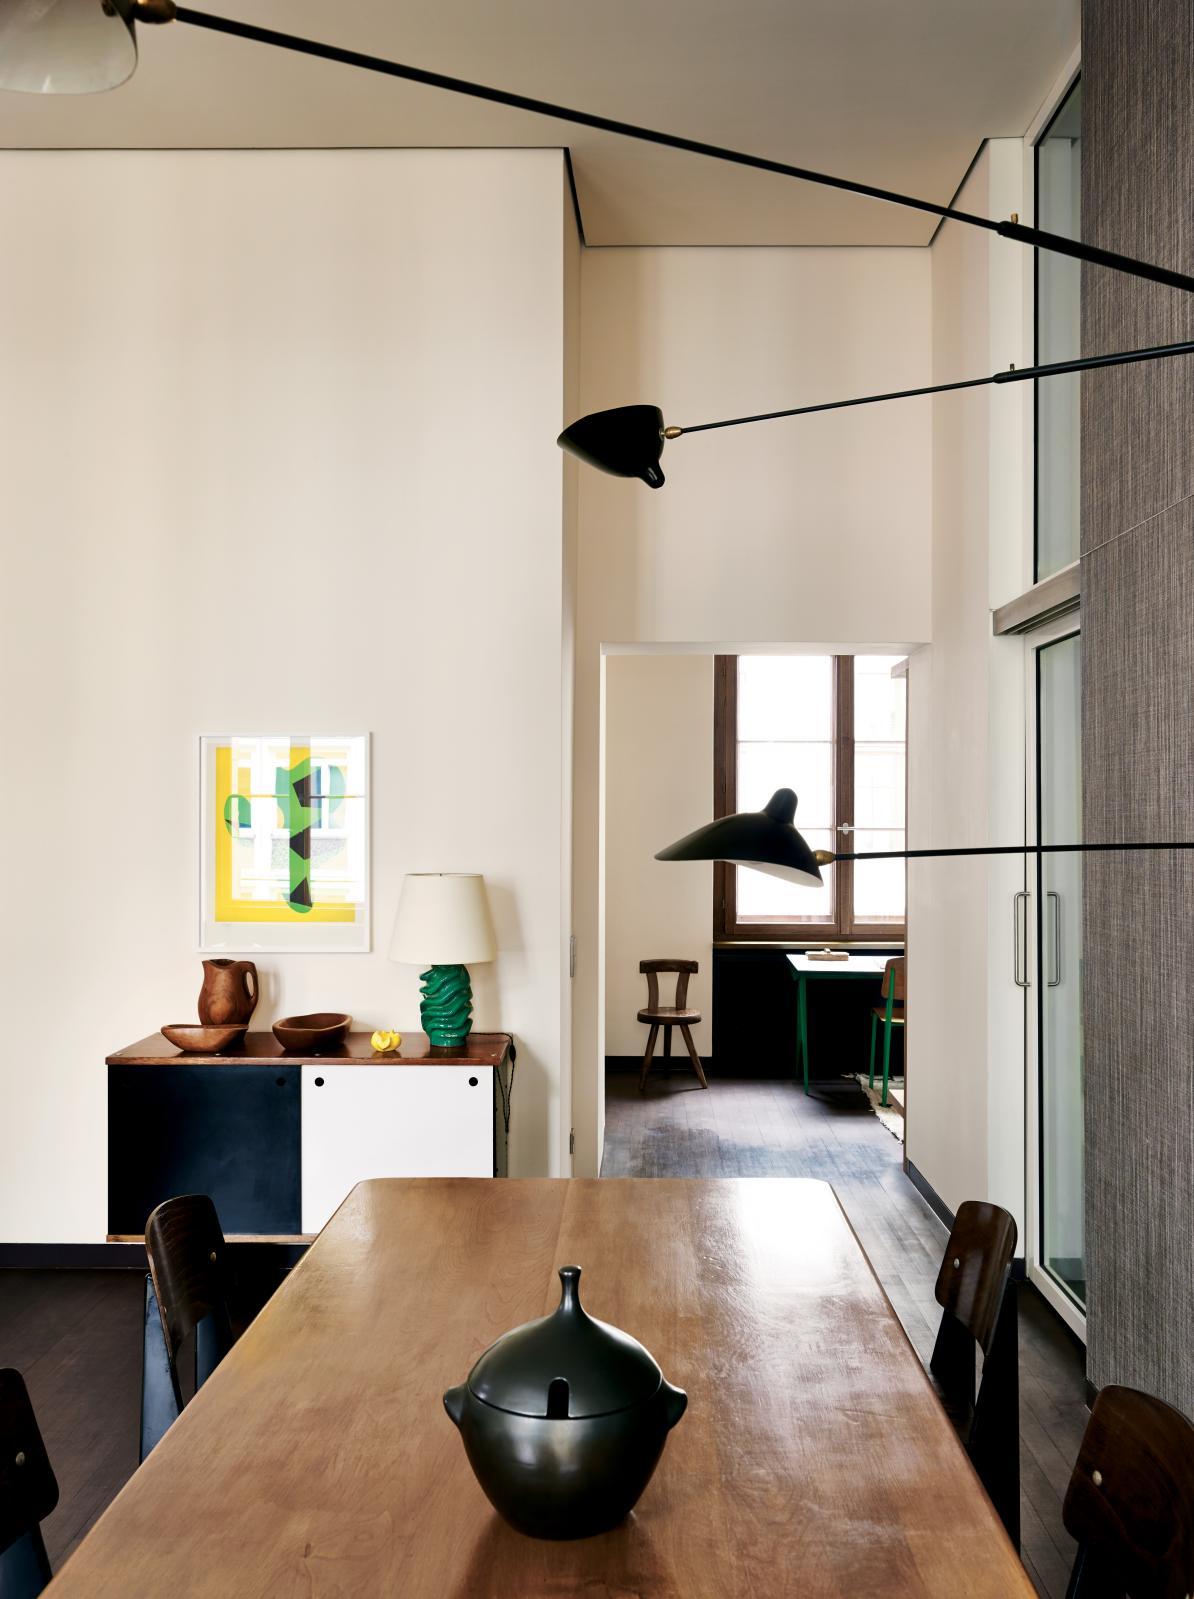 À Berlin, table de Pierre Chapo, chaises de Jean Prouvé, bahut de Charlotte Perriand, céramique de Georges Jouve, sculpture en bois d'Alexandre Noll,